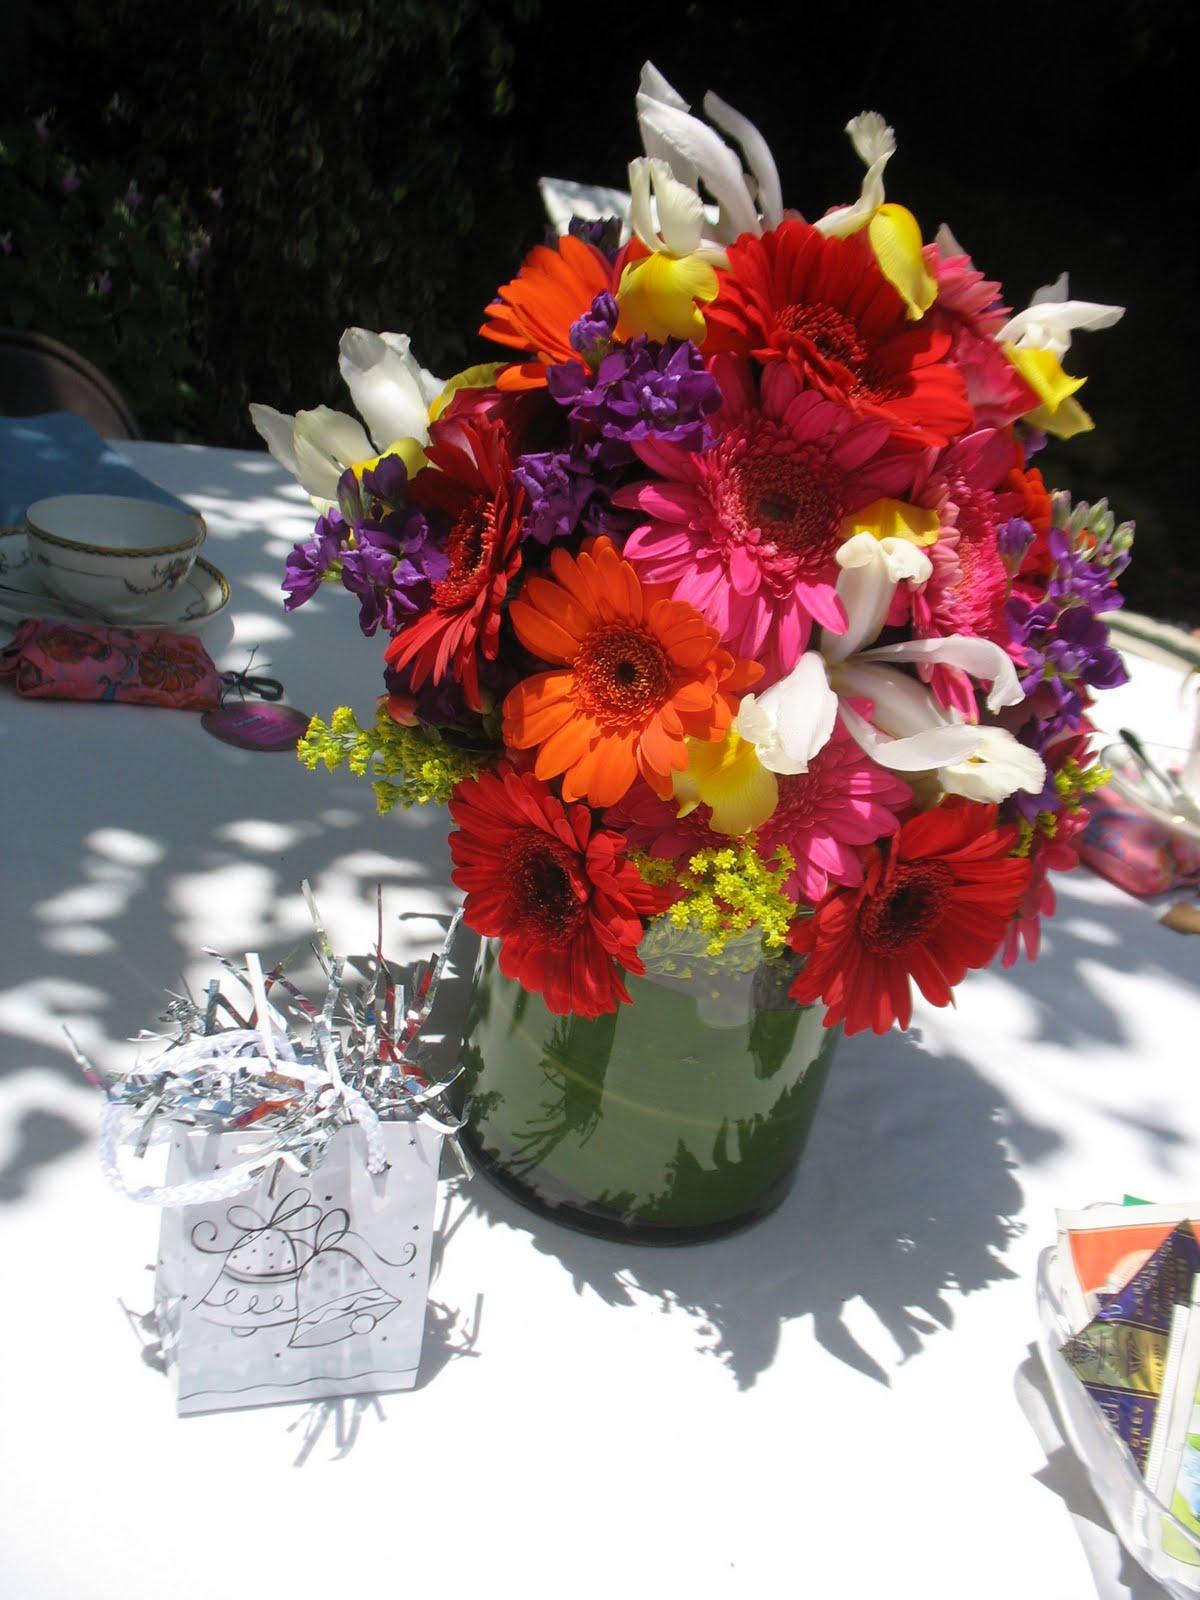 Poppet's Floral Design Studio: Bridal Shower Centerpieces